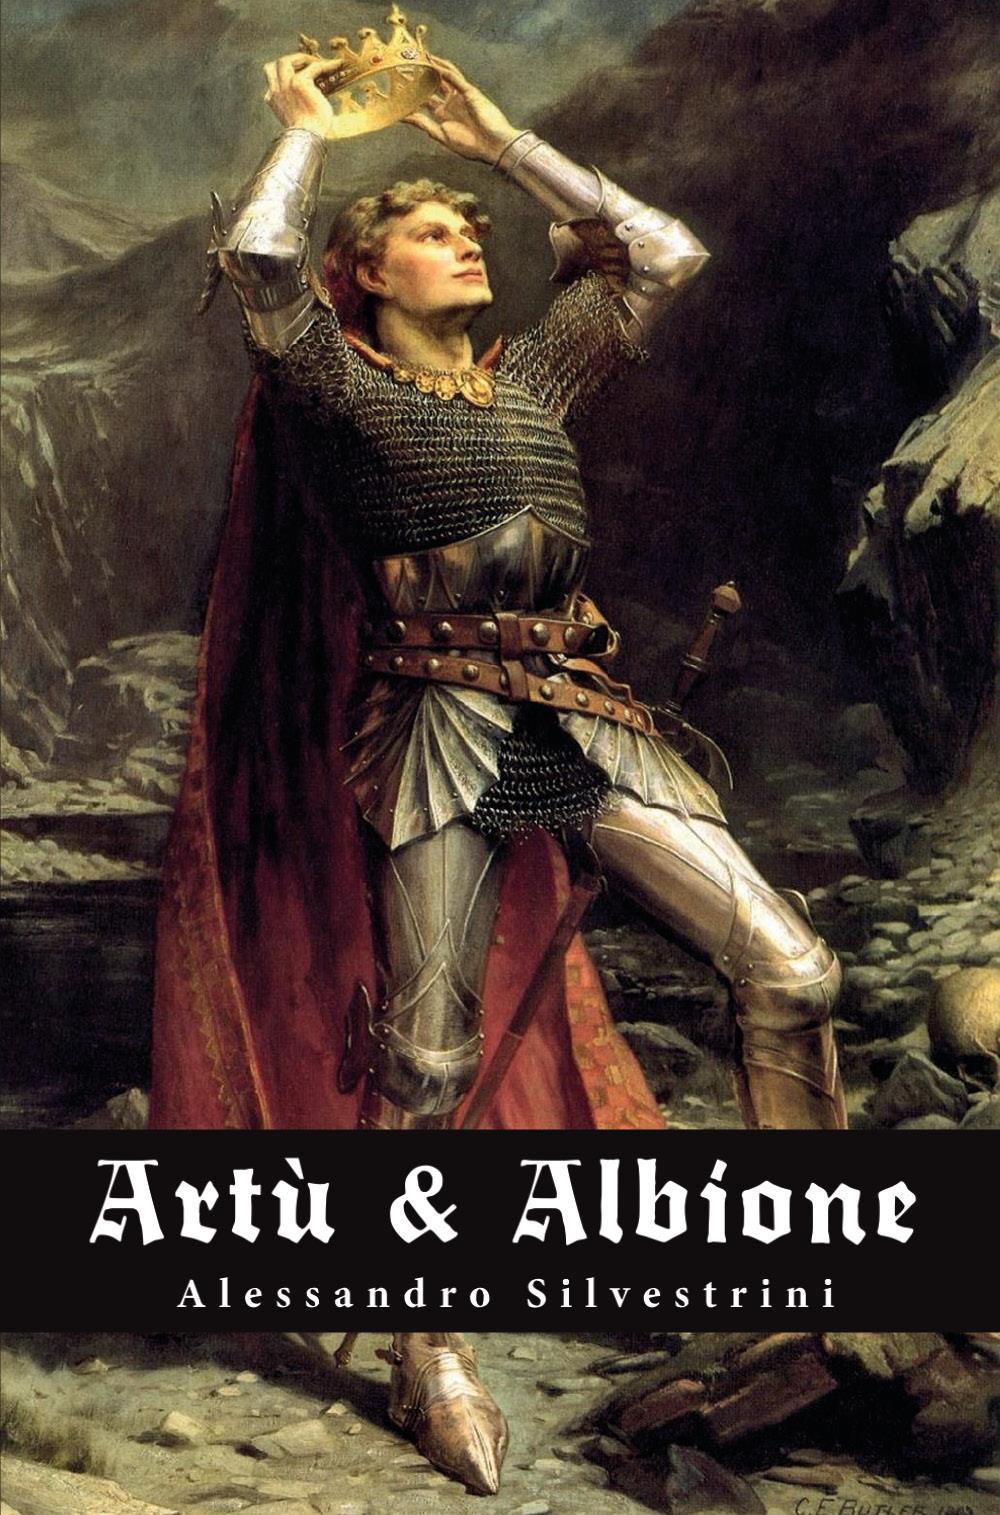 Artù&Albione